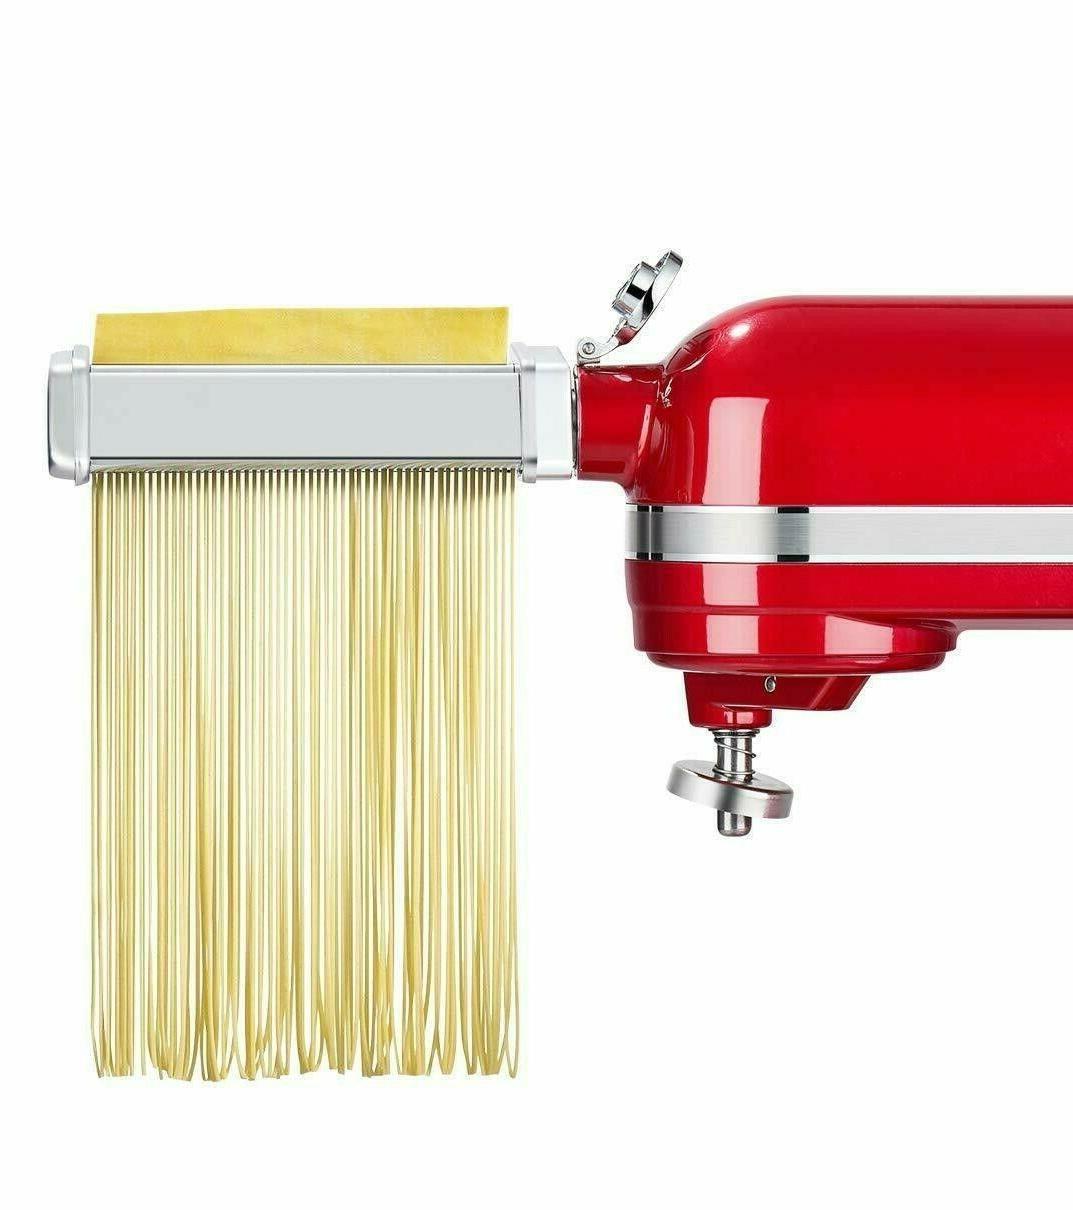 3 Pasta Roller Cutter